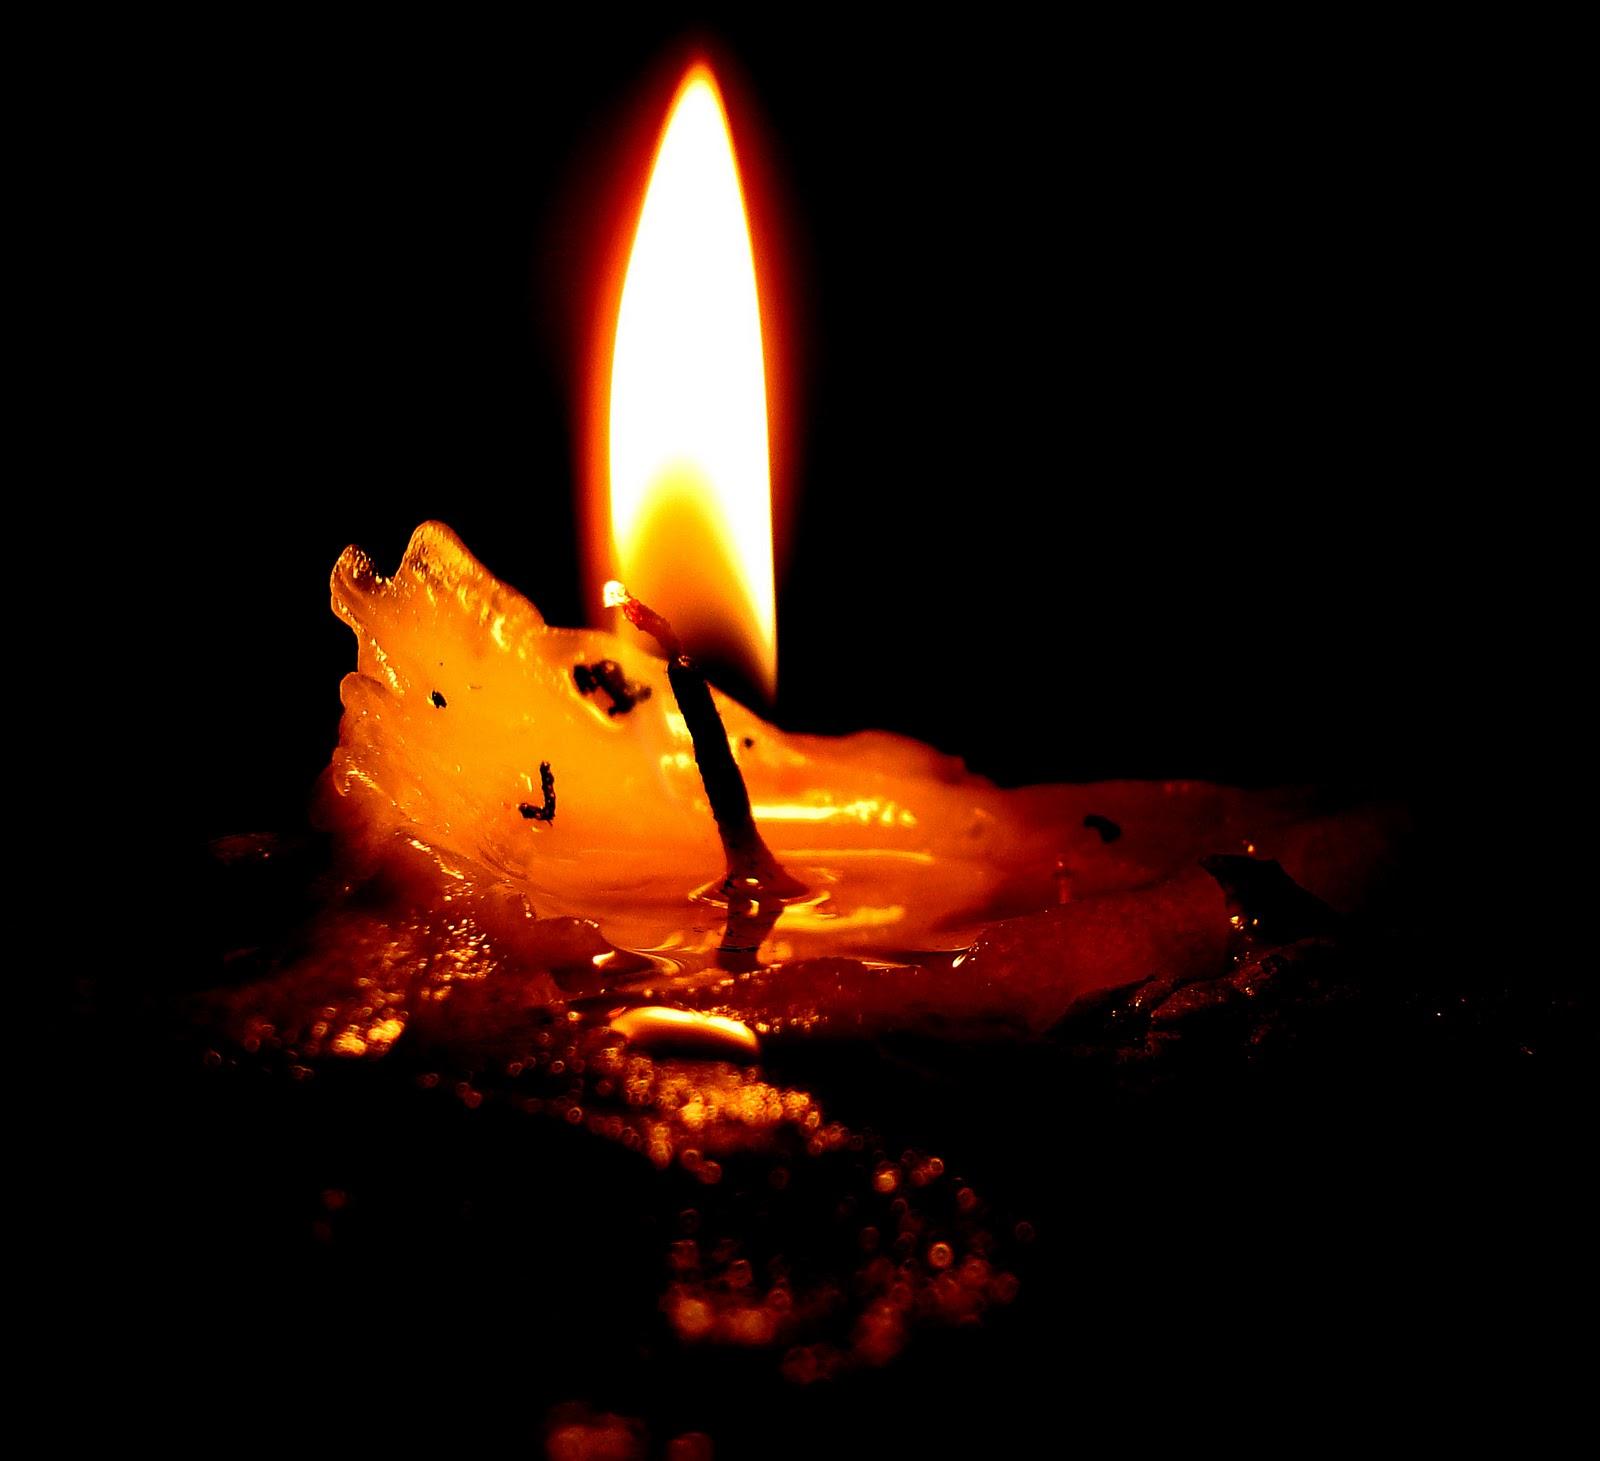 http://3.bp.blogspot.com/-hsnCUuXCChY/TwRjWtXk3PI/AAAAAAAAJUE/KaJXwaBrhQ8/s1600/candle+light+_12.jpg